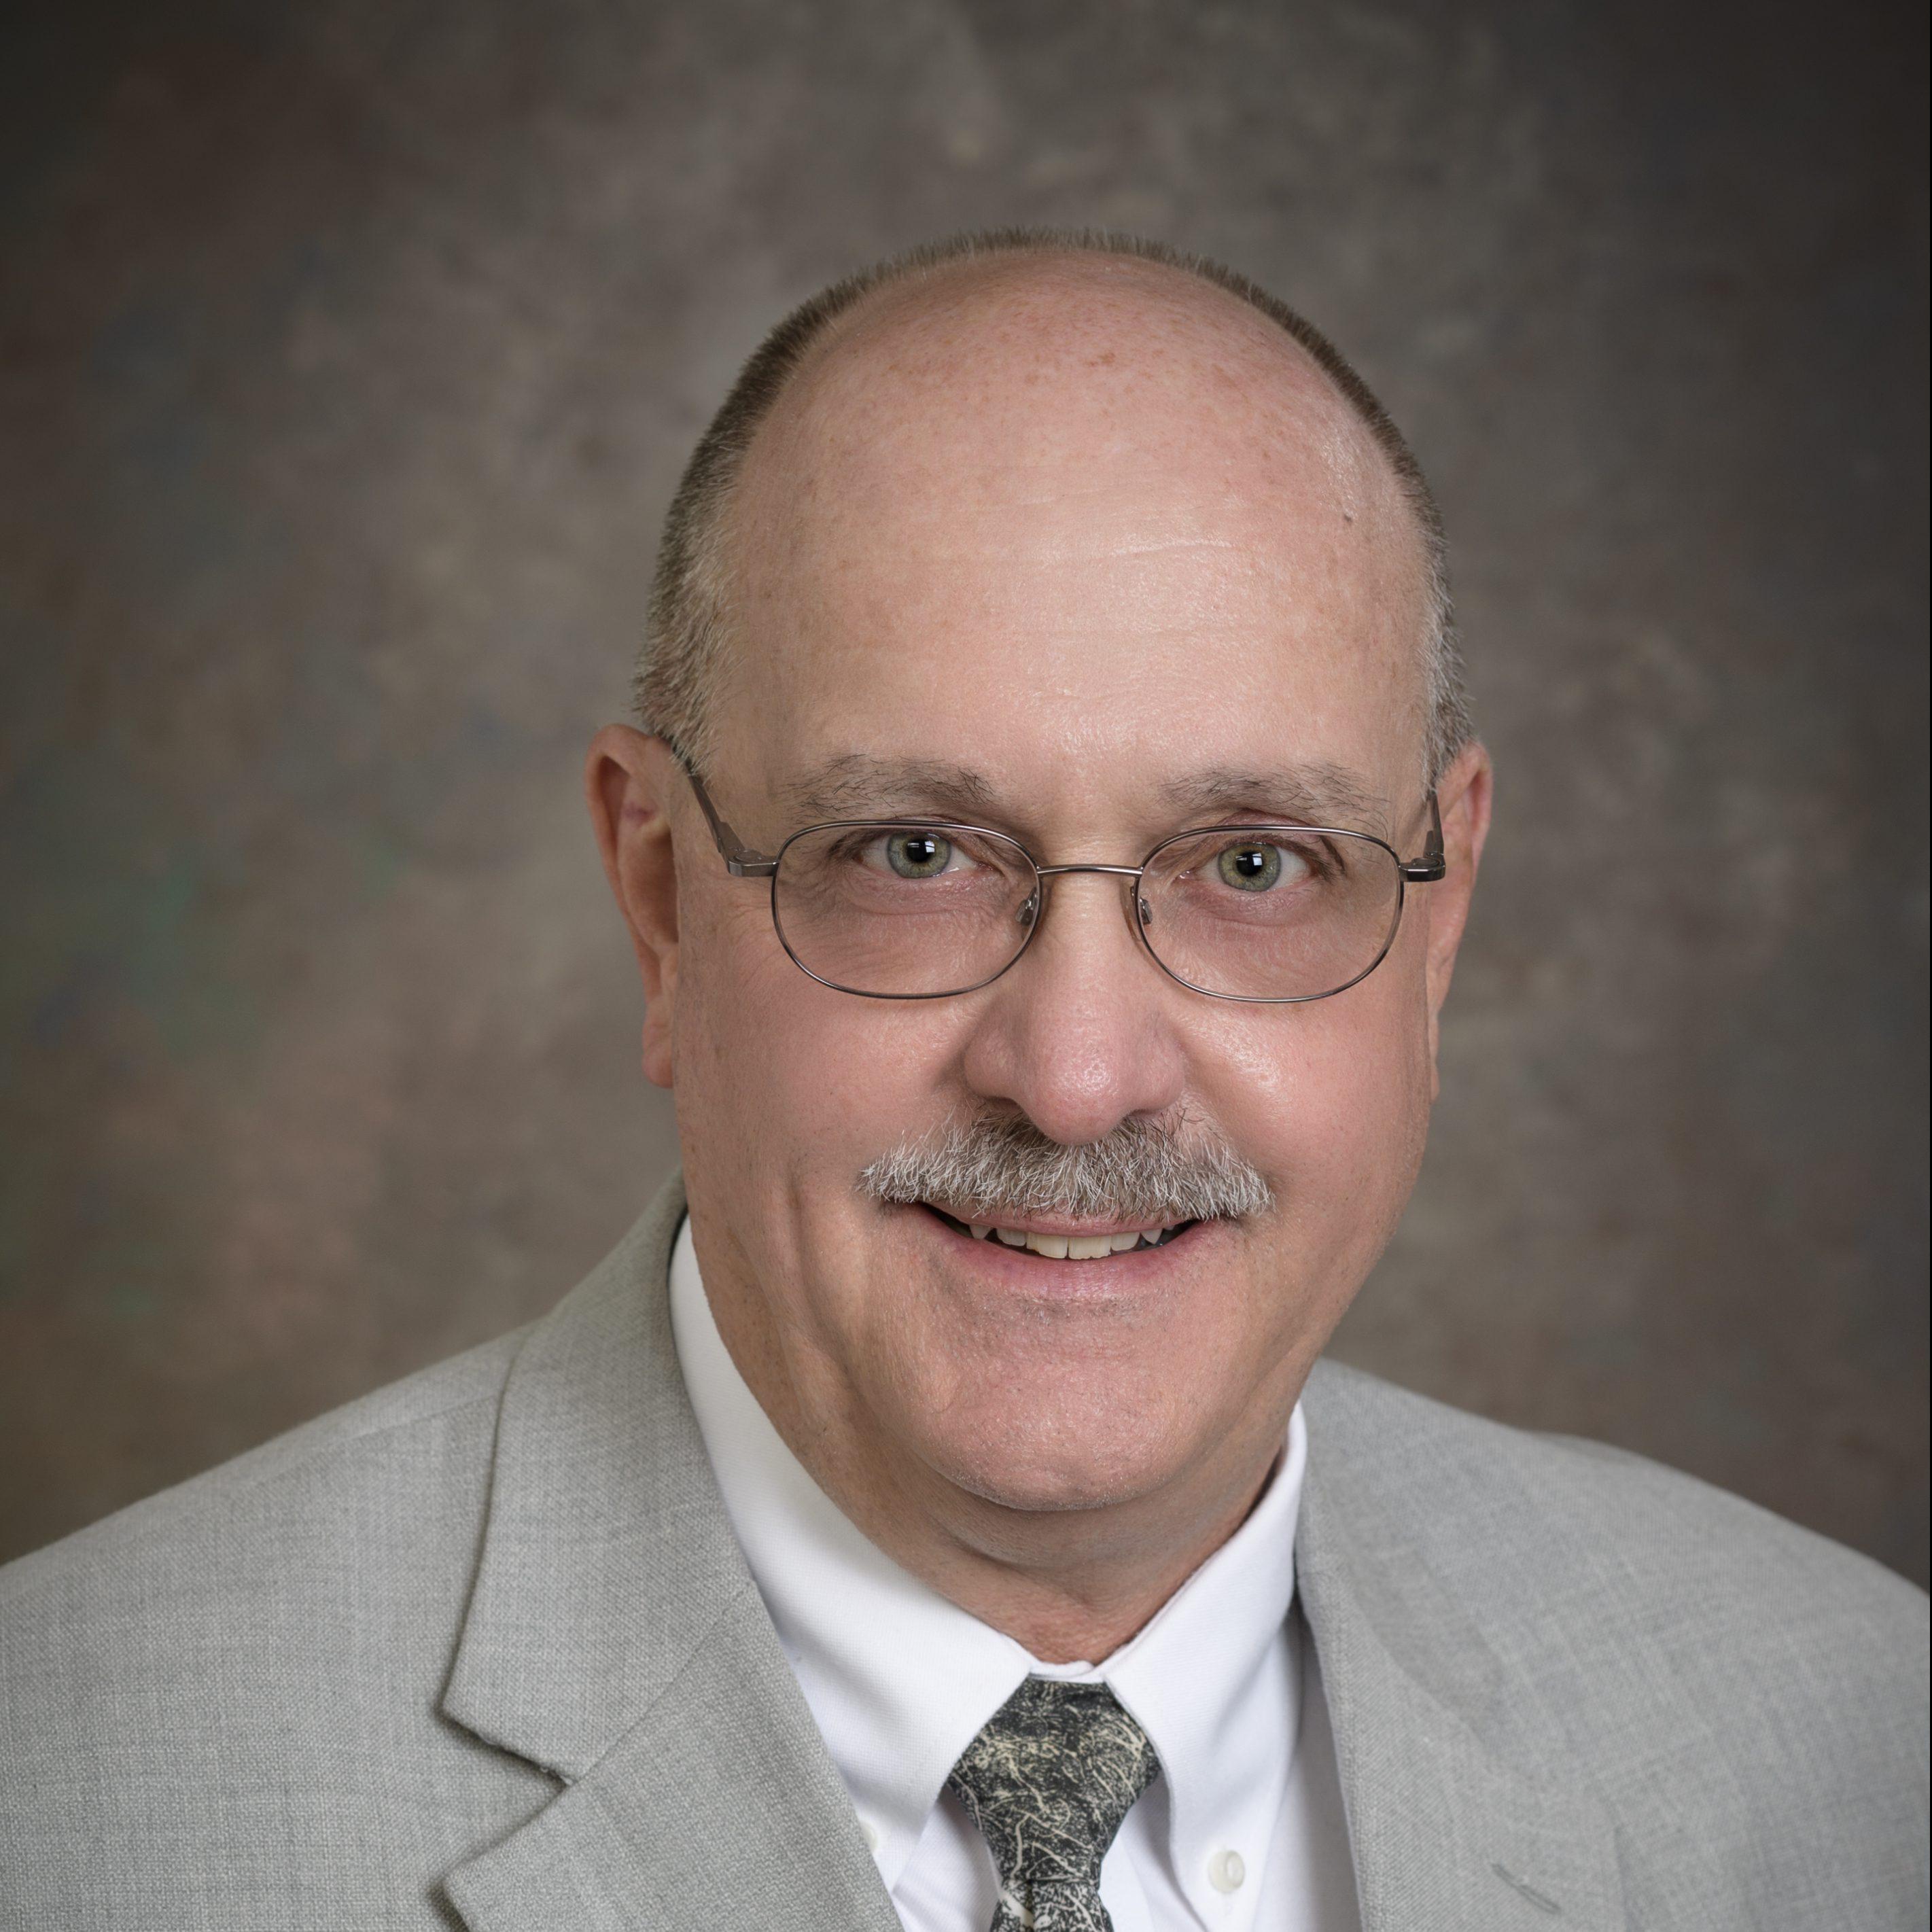 Walter Blaney